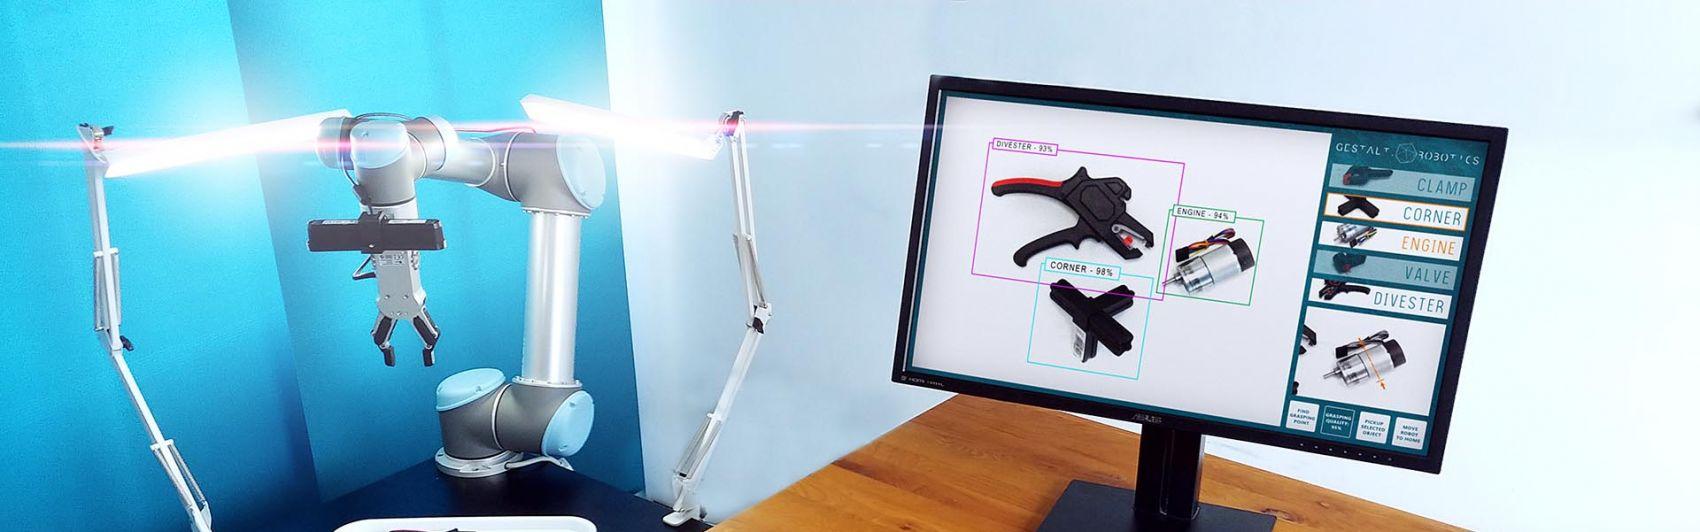 Gestalt Robotics Produktportfolio